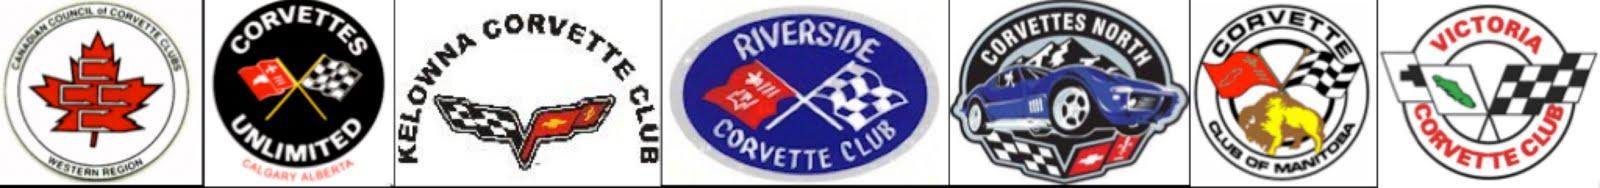 Affiliated Club Logos